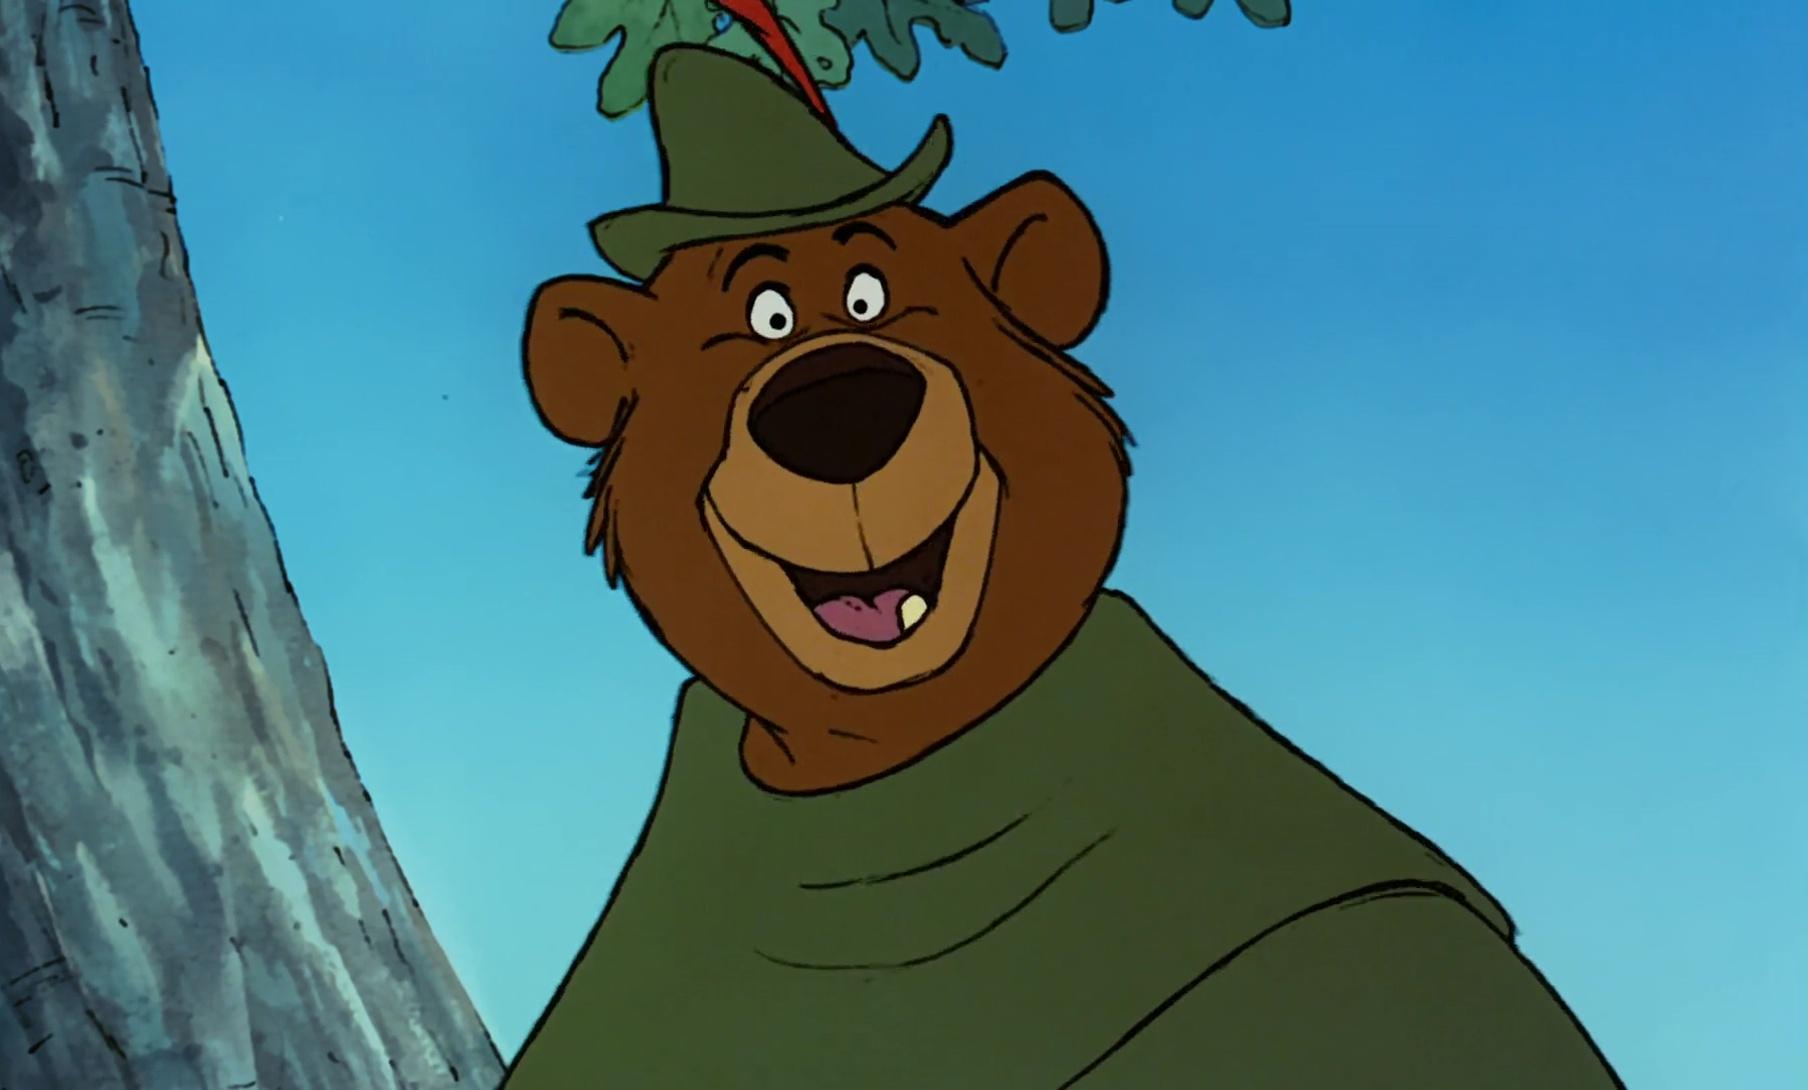 Personnages Animation Petit Jean, personnage dans Robin des Bois ~ Parodie Robin Des Bois